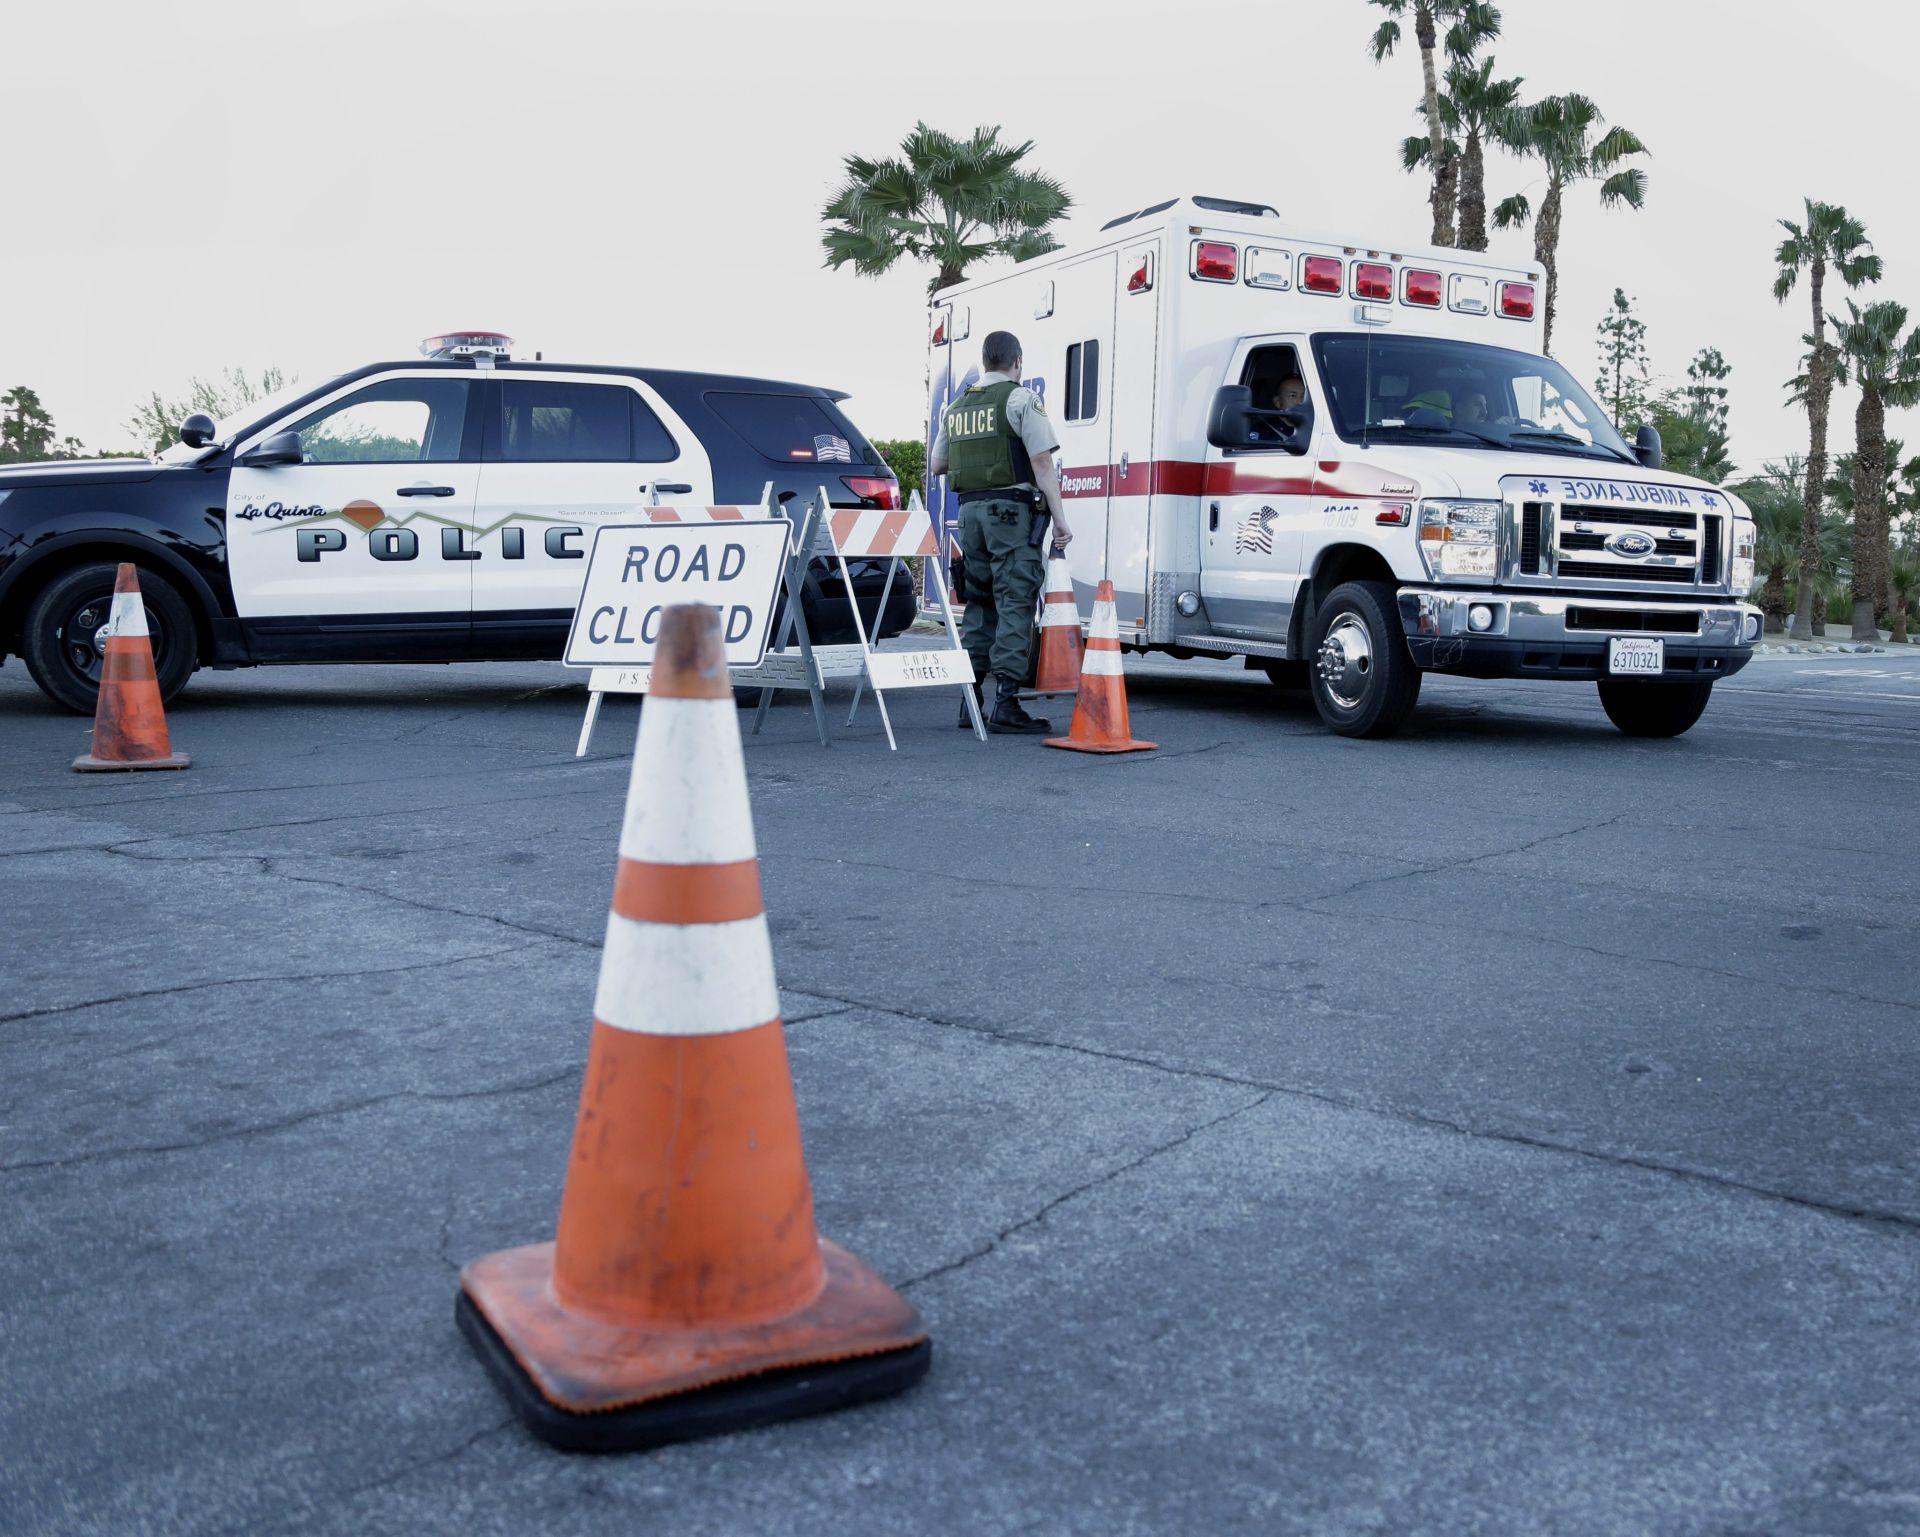 UTVRĐEN IDENTITET: Beba oteta iz bolnice na Floridi pronađena nakon 18 godina